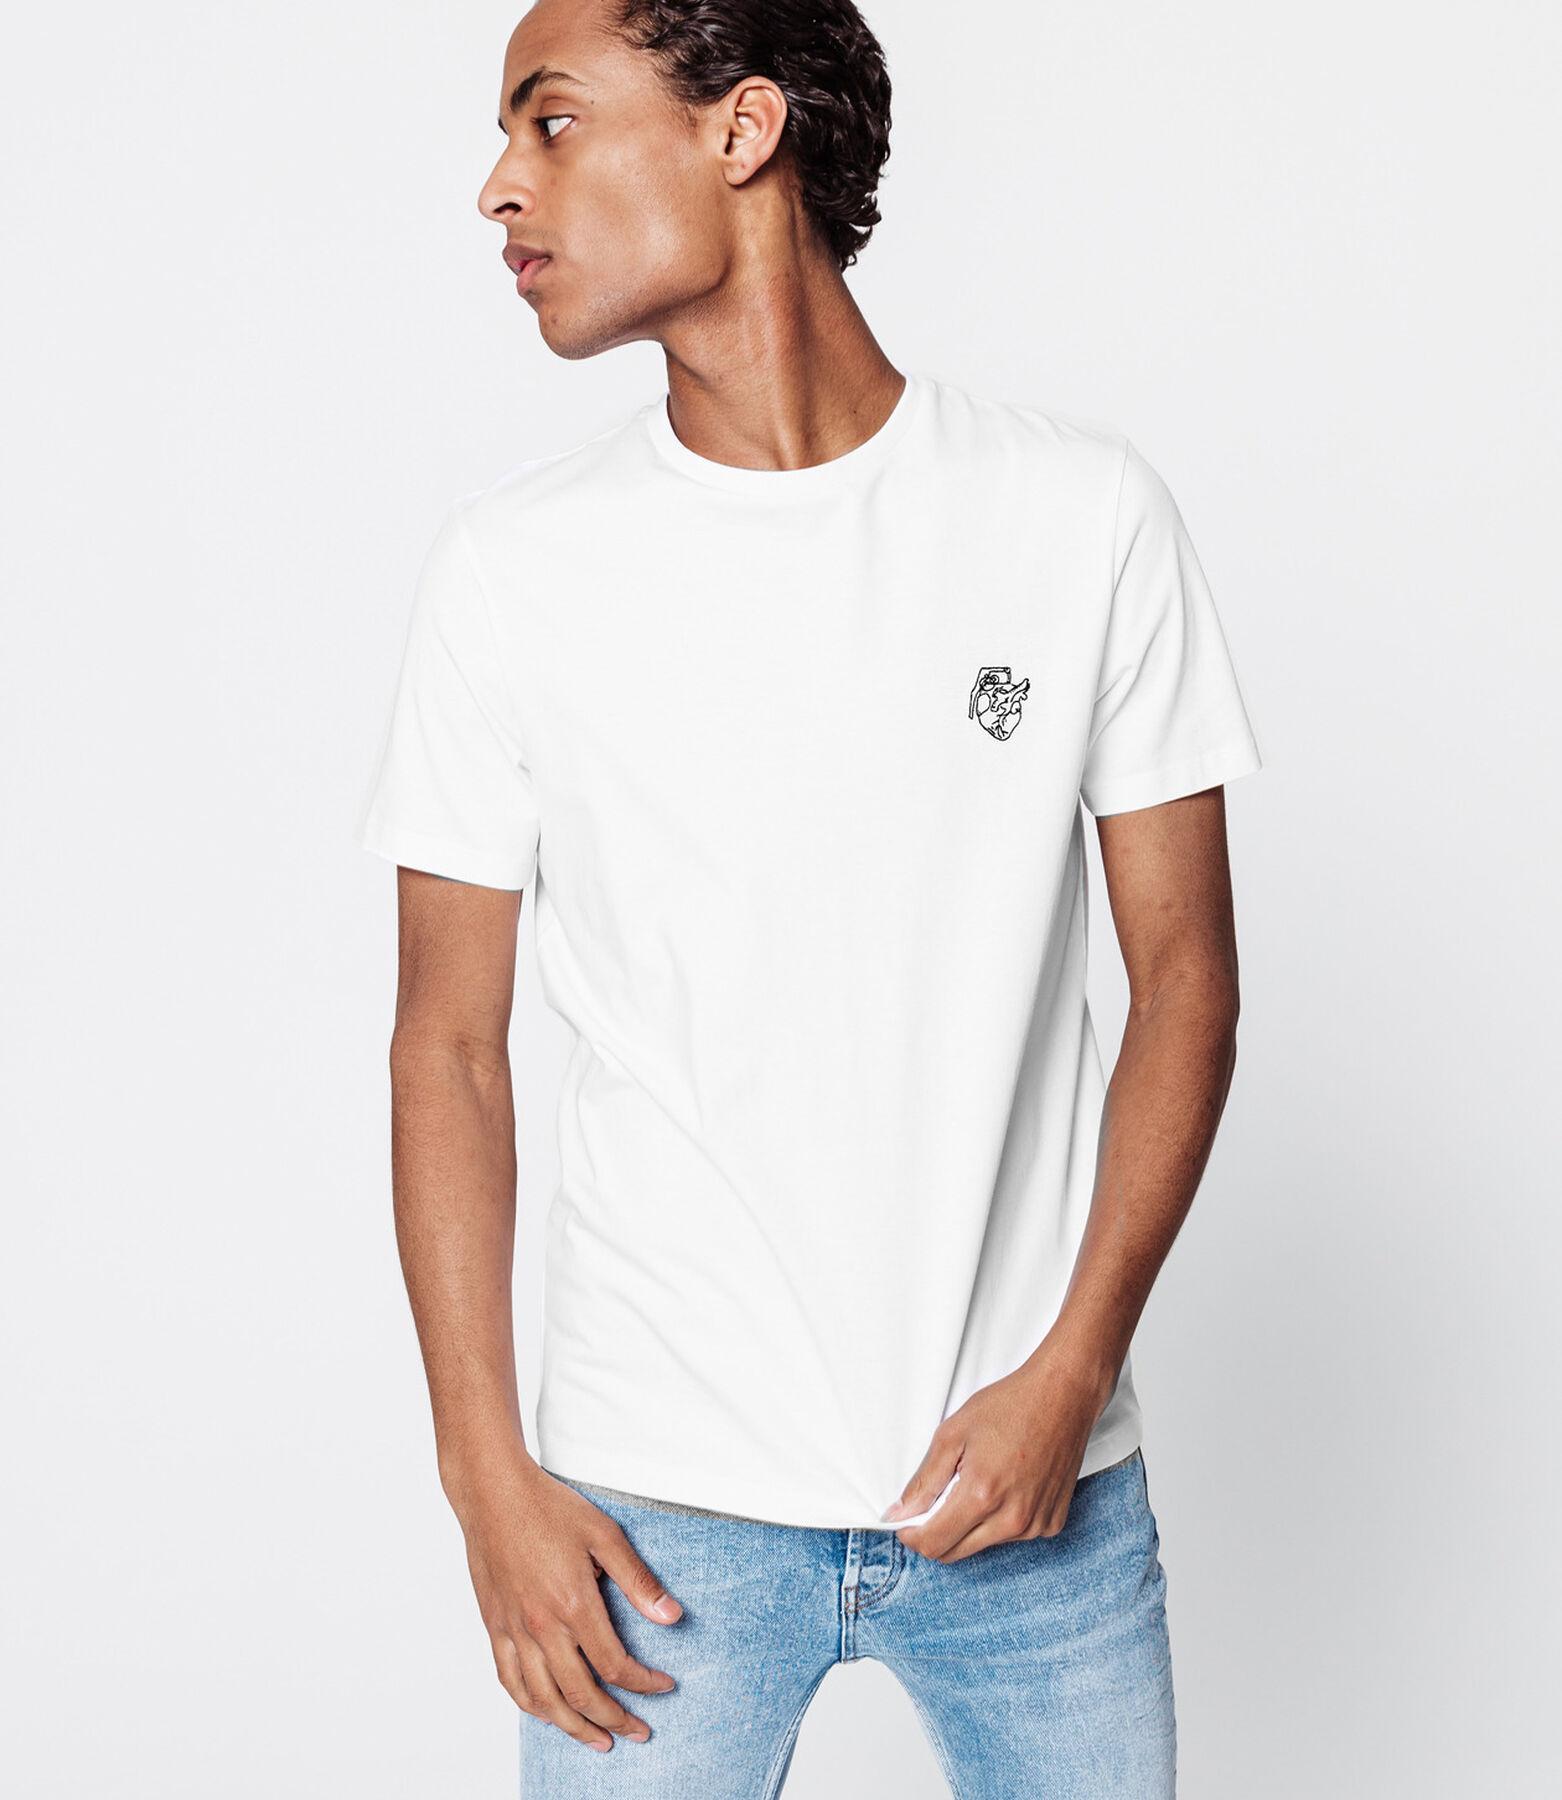 """T-shirt brodé """"coeurnade"""" issu de l'agriculture bi"""